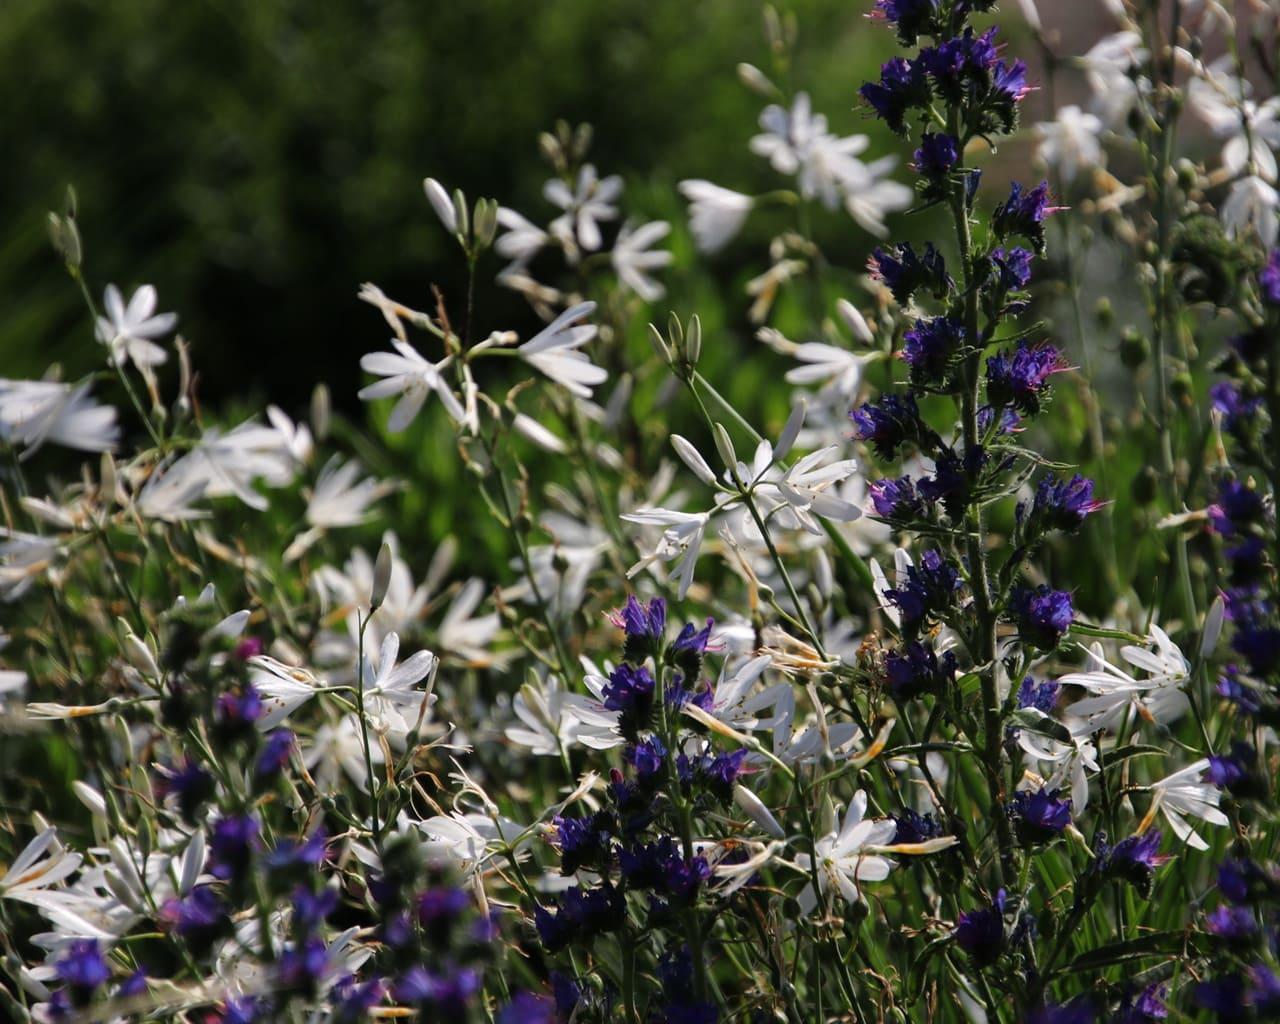 Die Kombination zwischen dem Natterkopf (Echium vulgare) und der Ästige Graslilie (Anthericum ramosum)